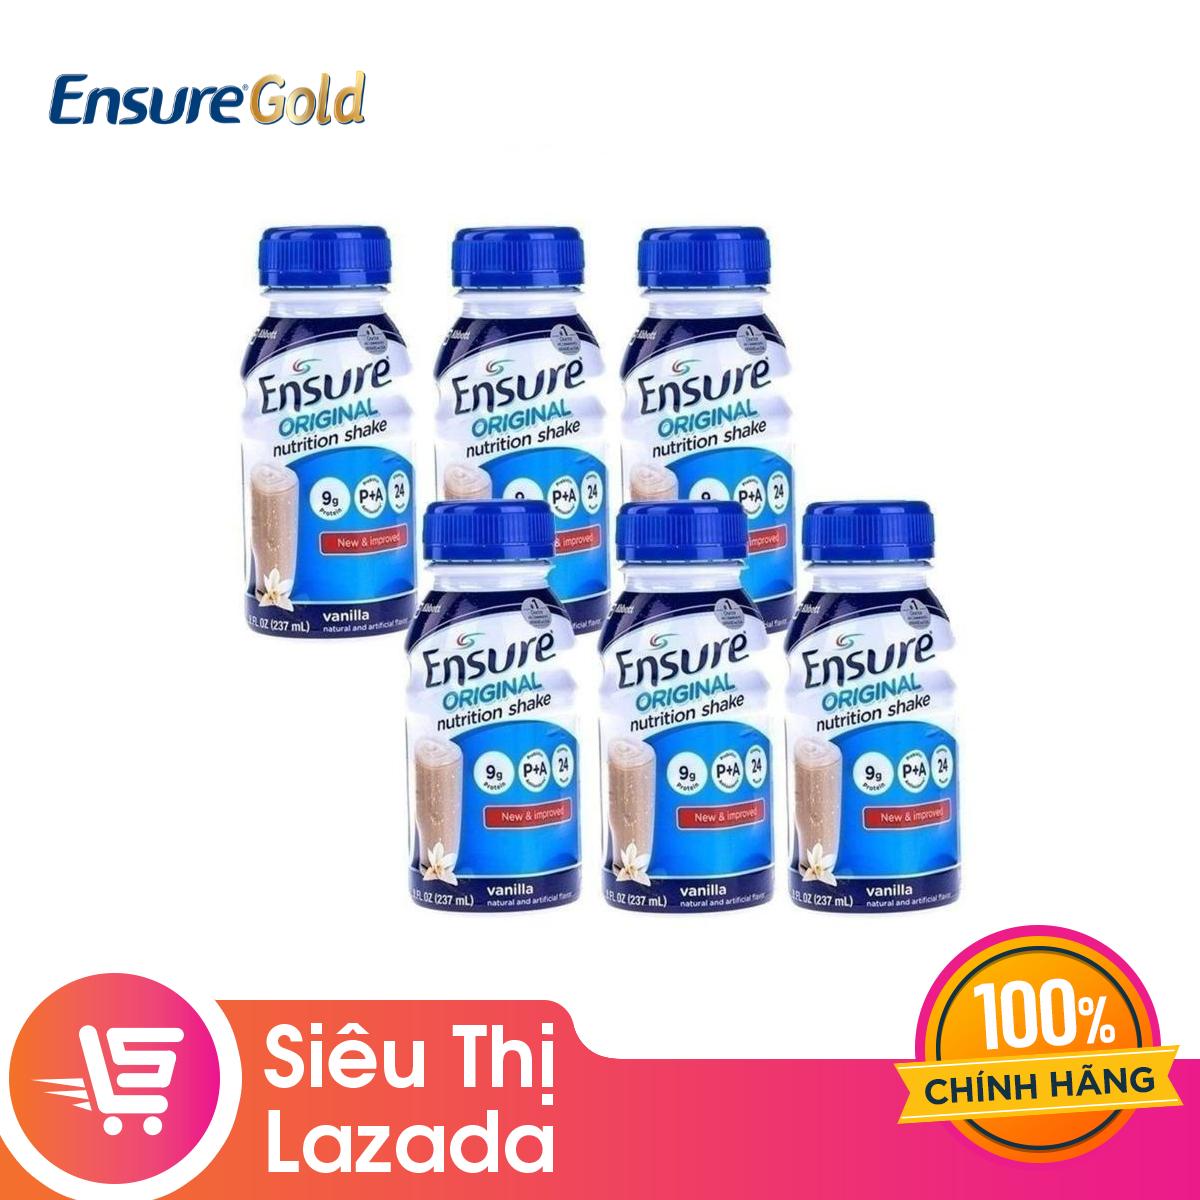 [GIẢM 40K ĐƠN 1,2TR] Bộ 6 chai sữa nước Ensure Vani 237ml